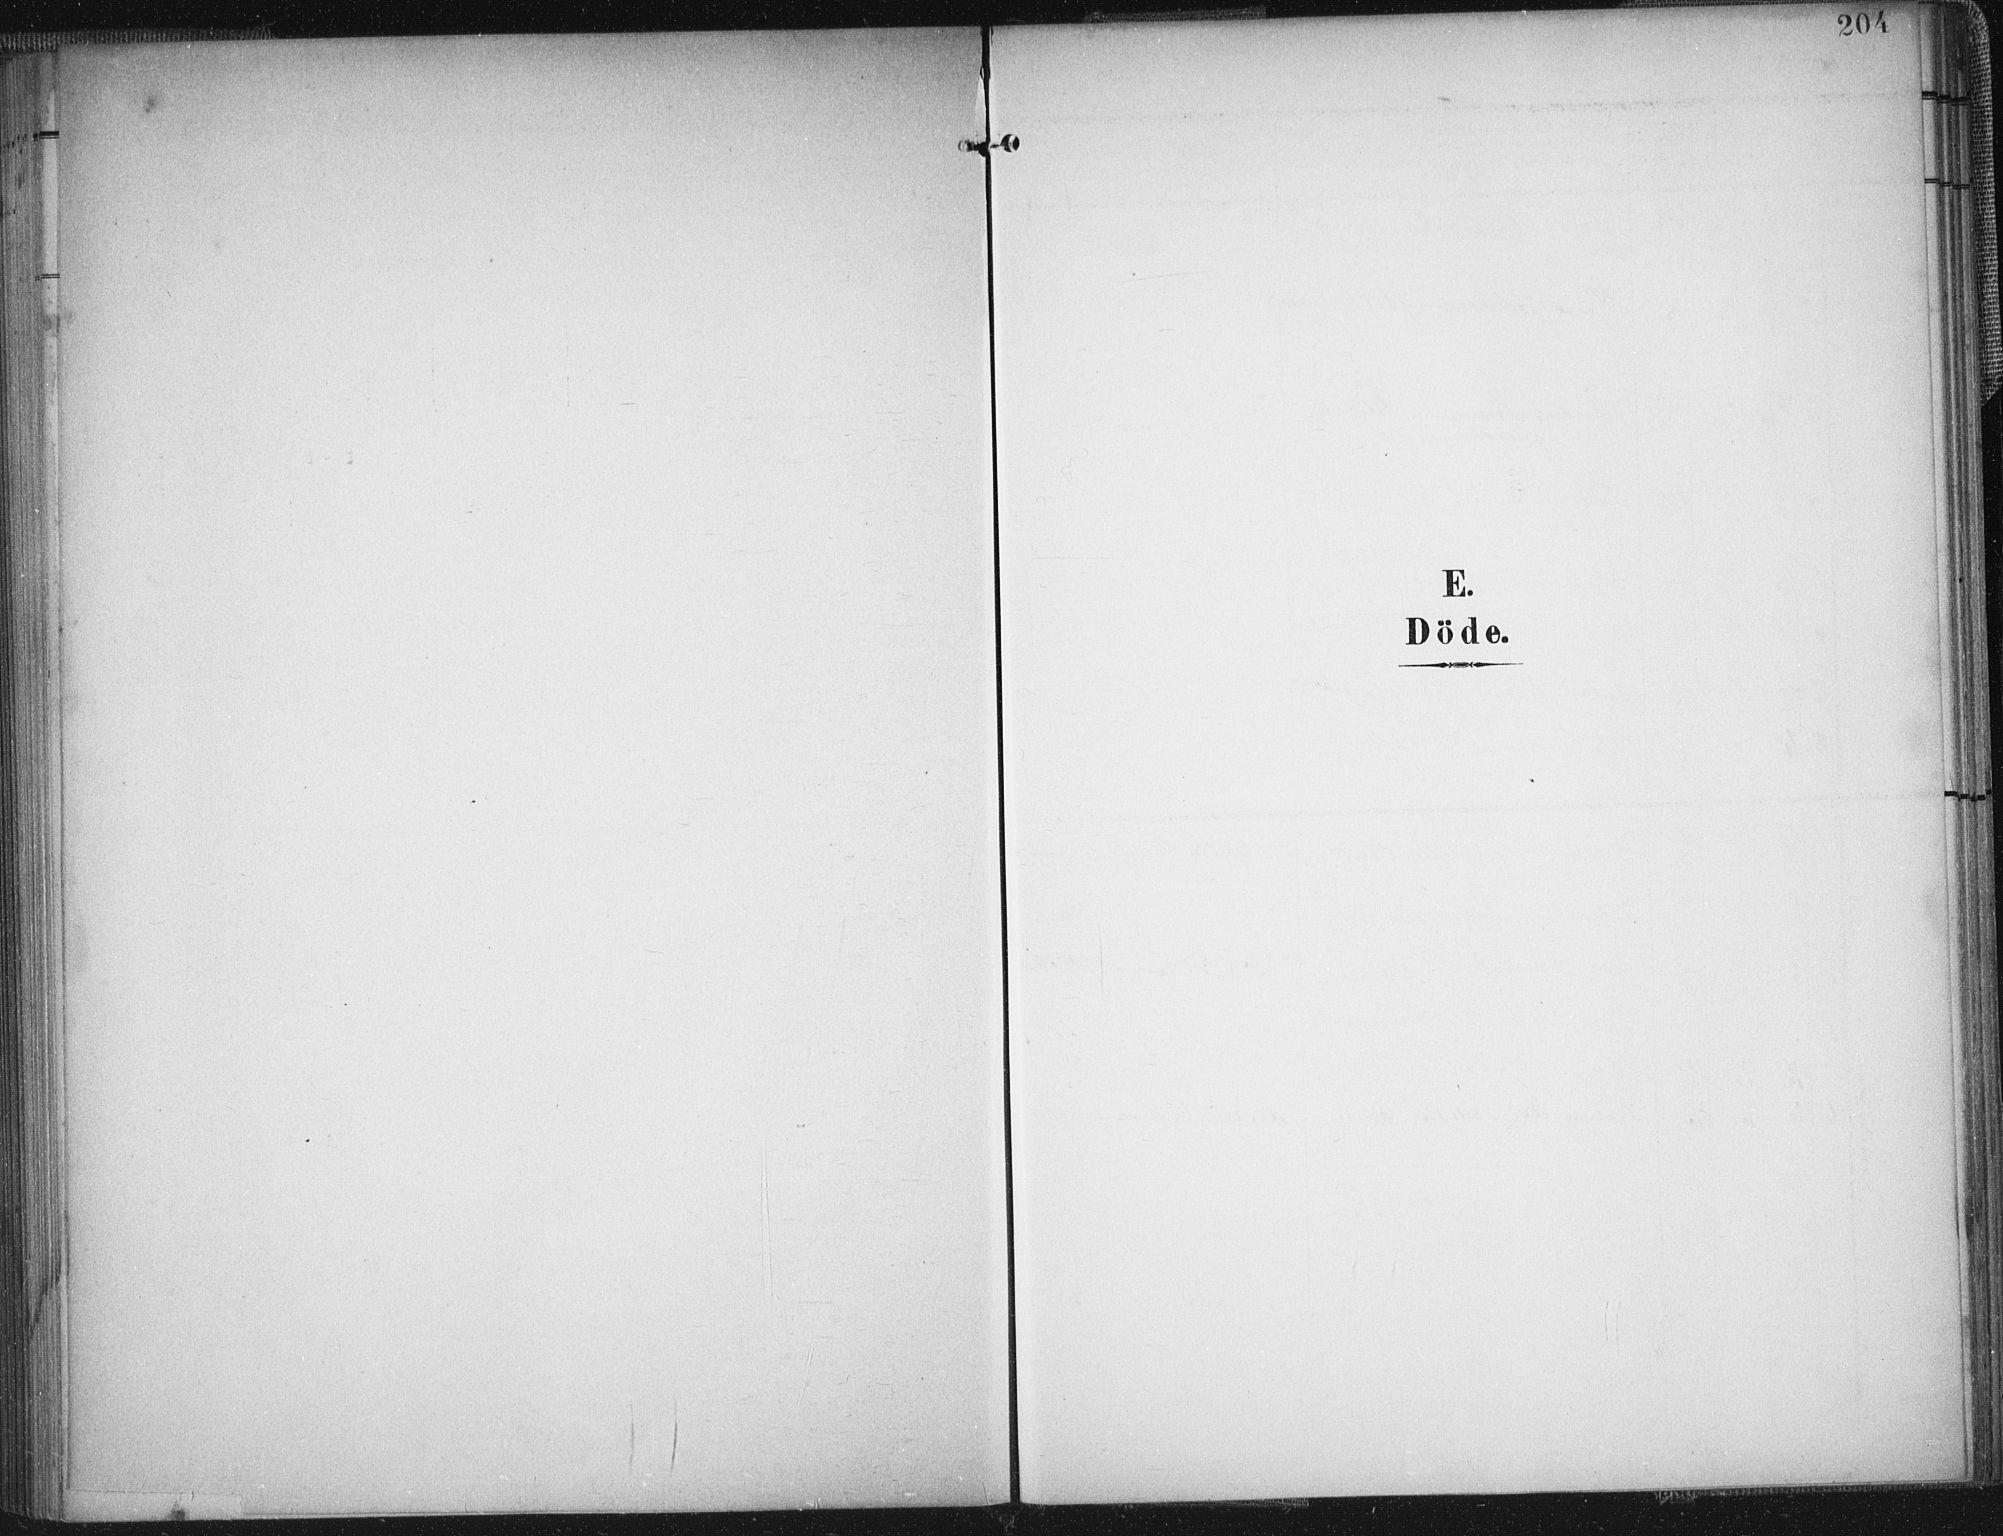 SAT, Ministerialprotokoller, klokkerbøker og fødselsregistre - Møre og Romsdal, 545/L0589: Klokkerbok nr. 545C03, 1902-1937, s. 204